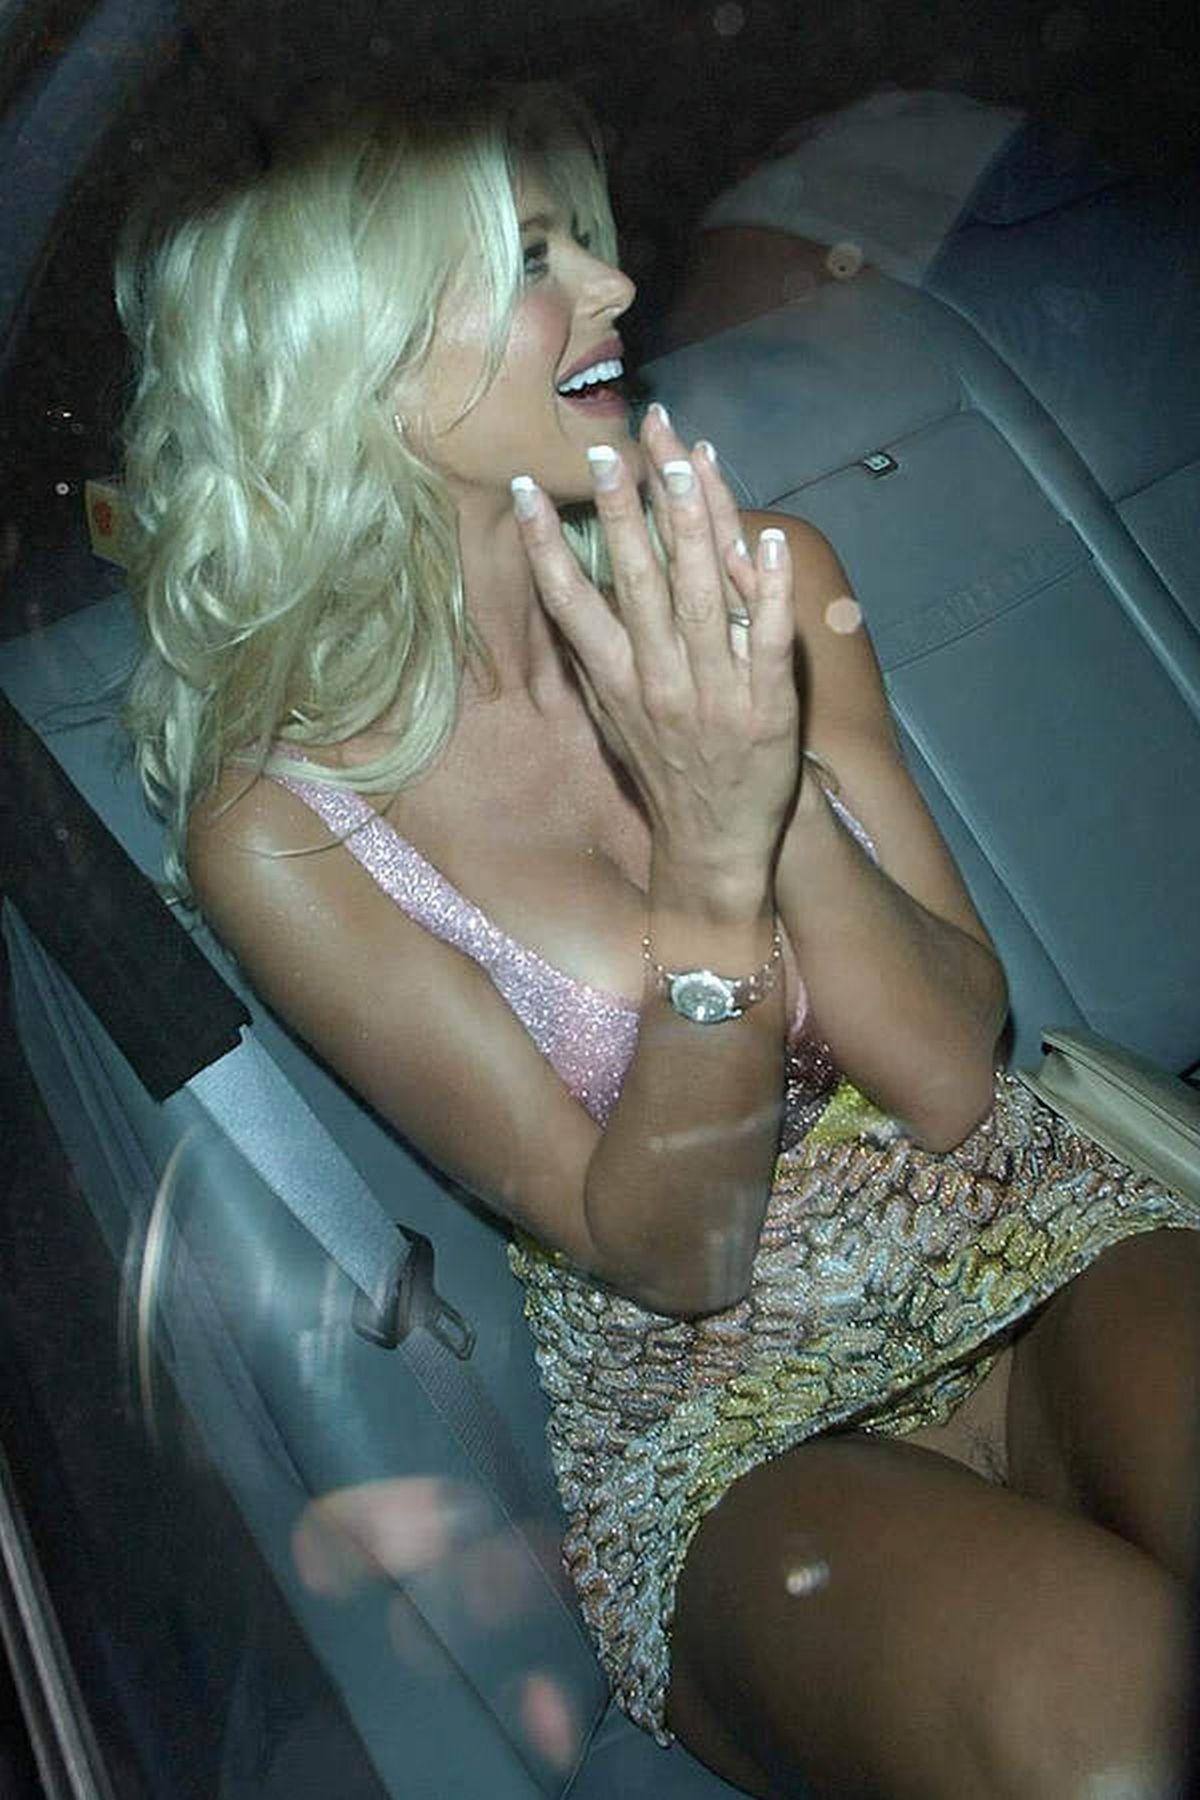 Nightclubpussy Ideal les 24 meilleures images du tableau celebrities pussy sur